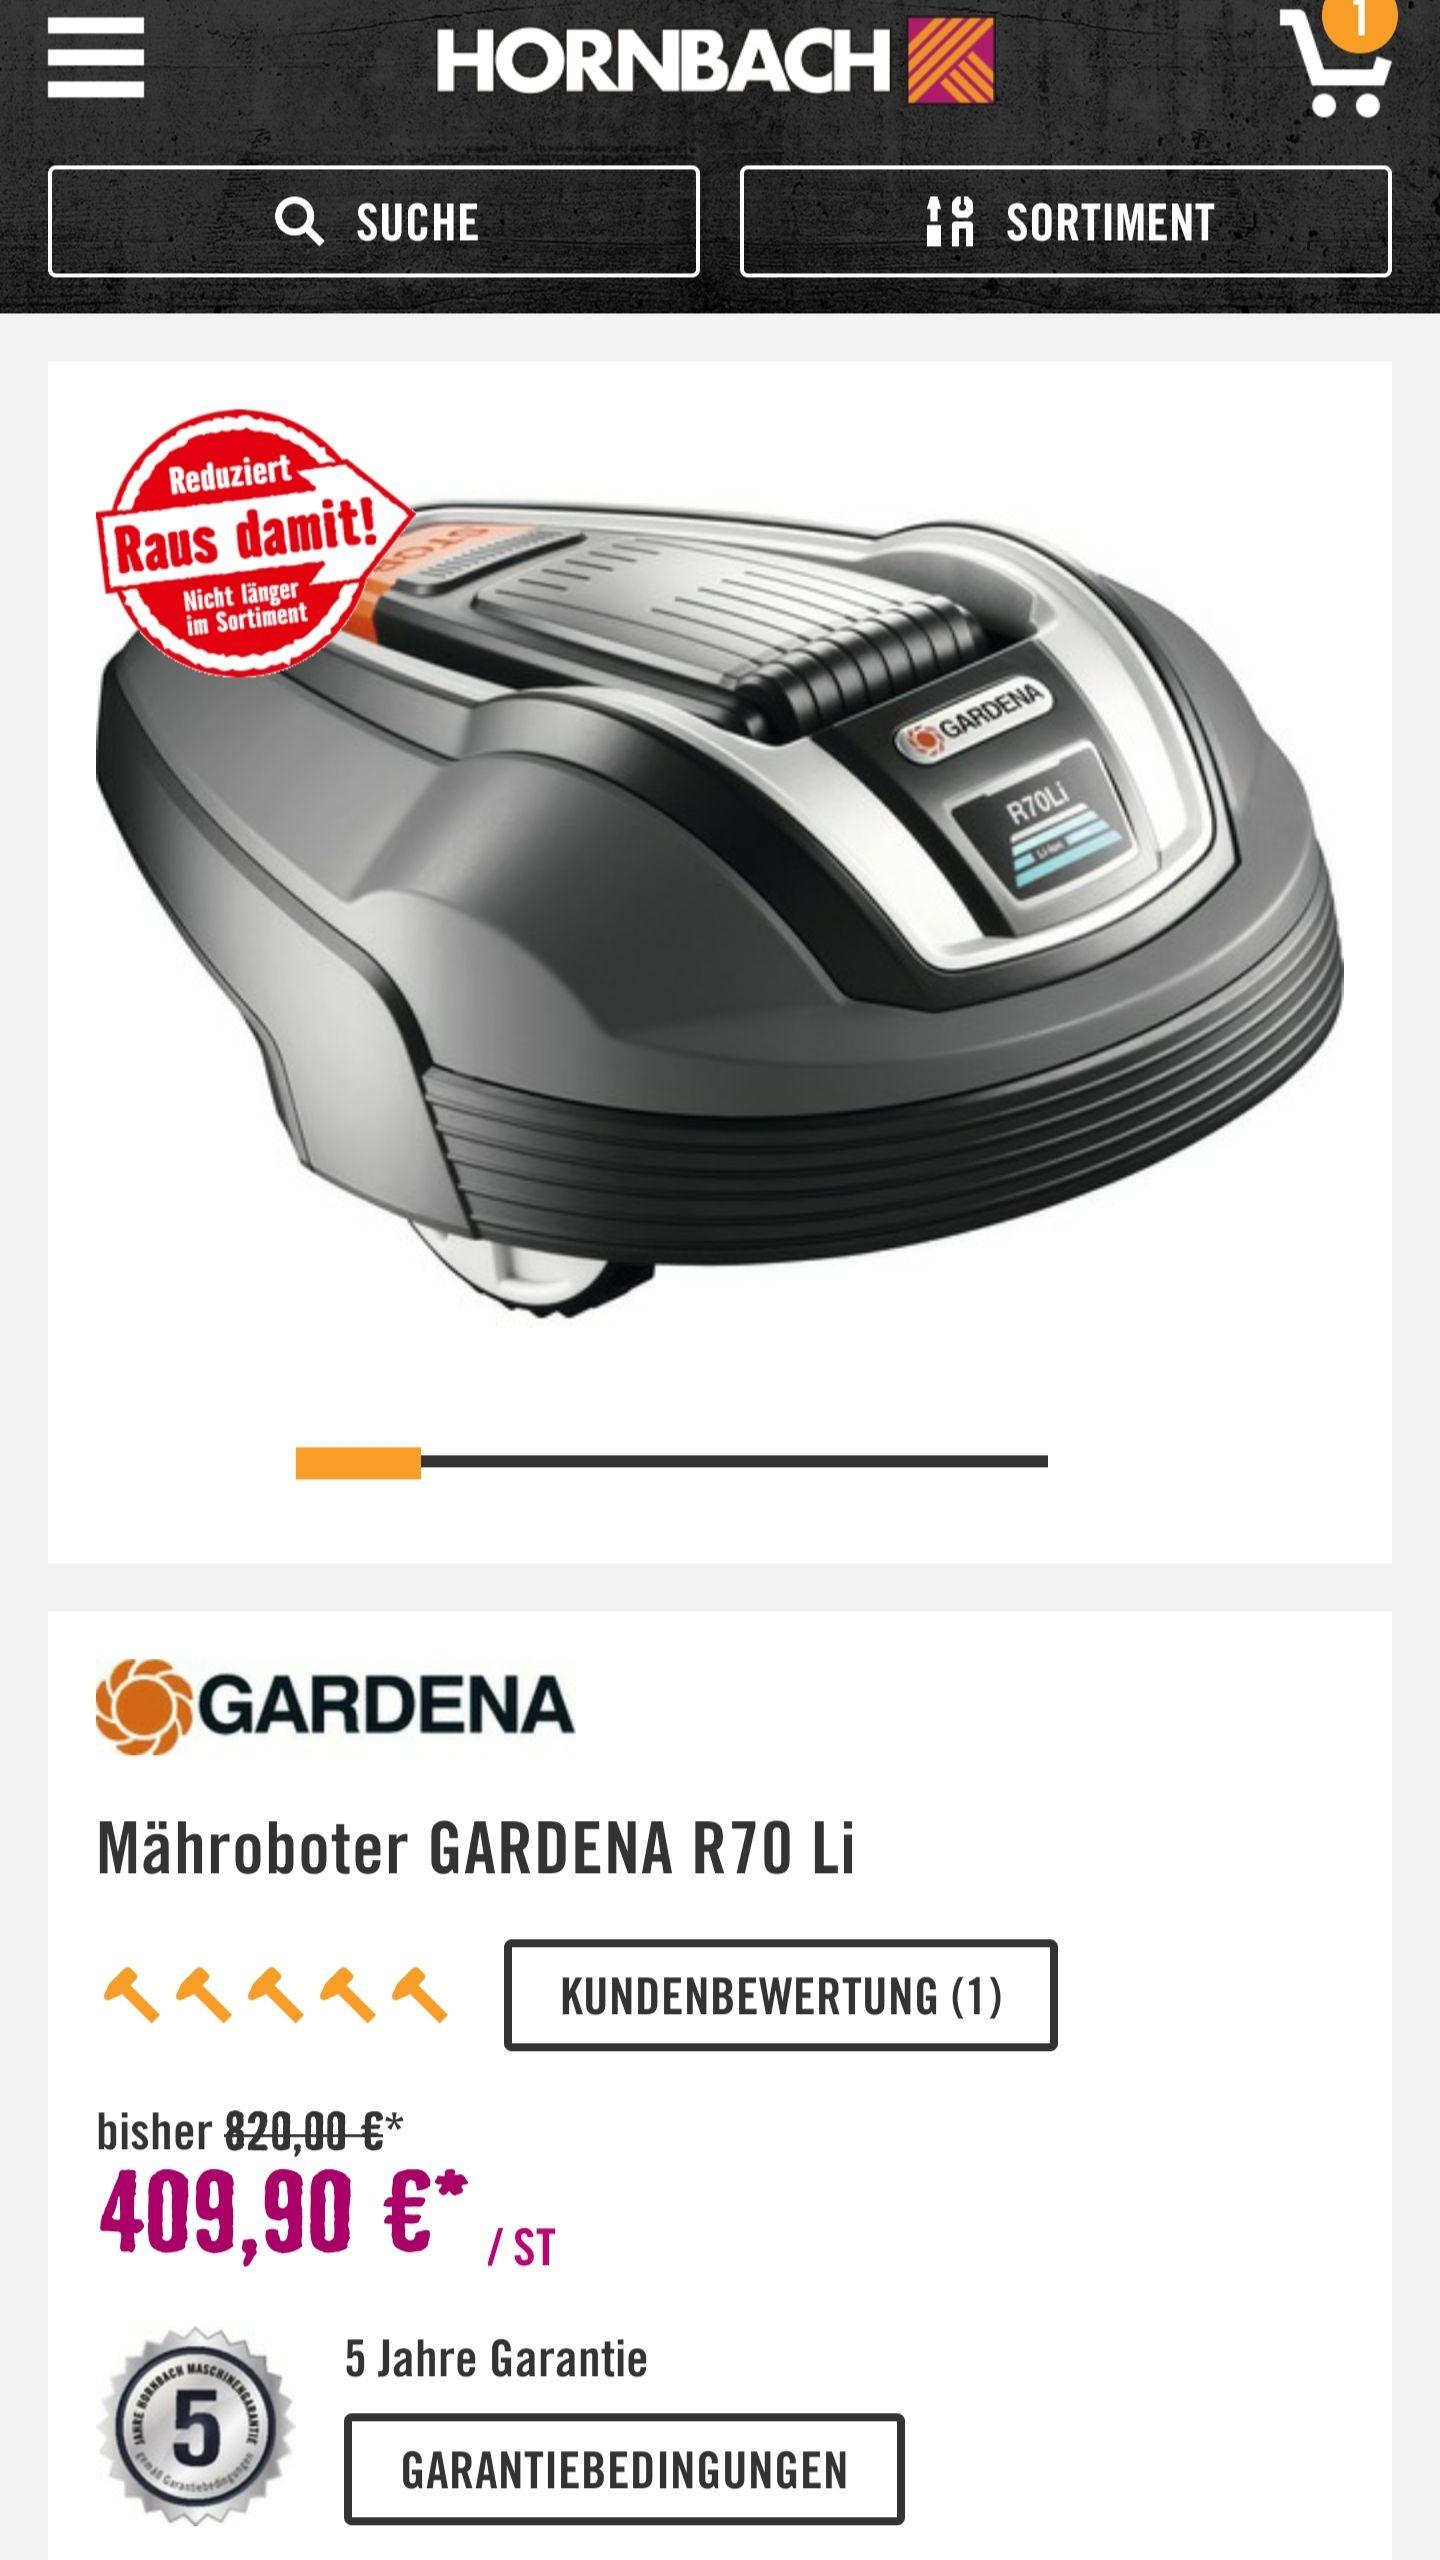 *LOKAL* Gardena R70Li Abverkauf Hornbach Brunn am gebirge